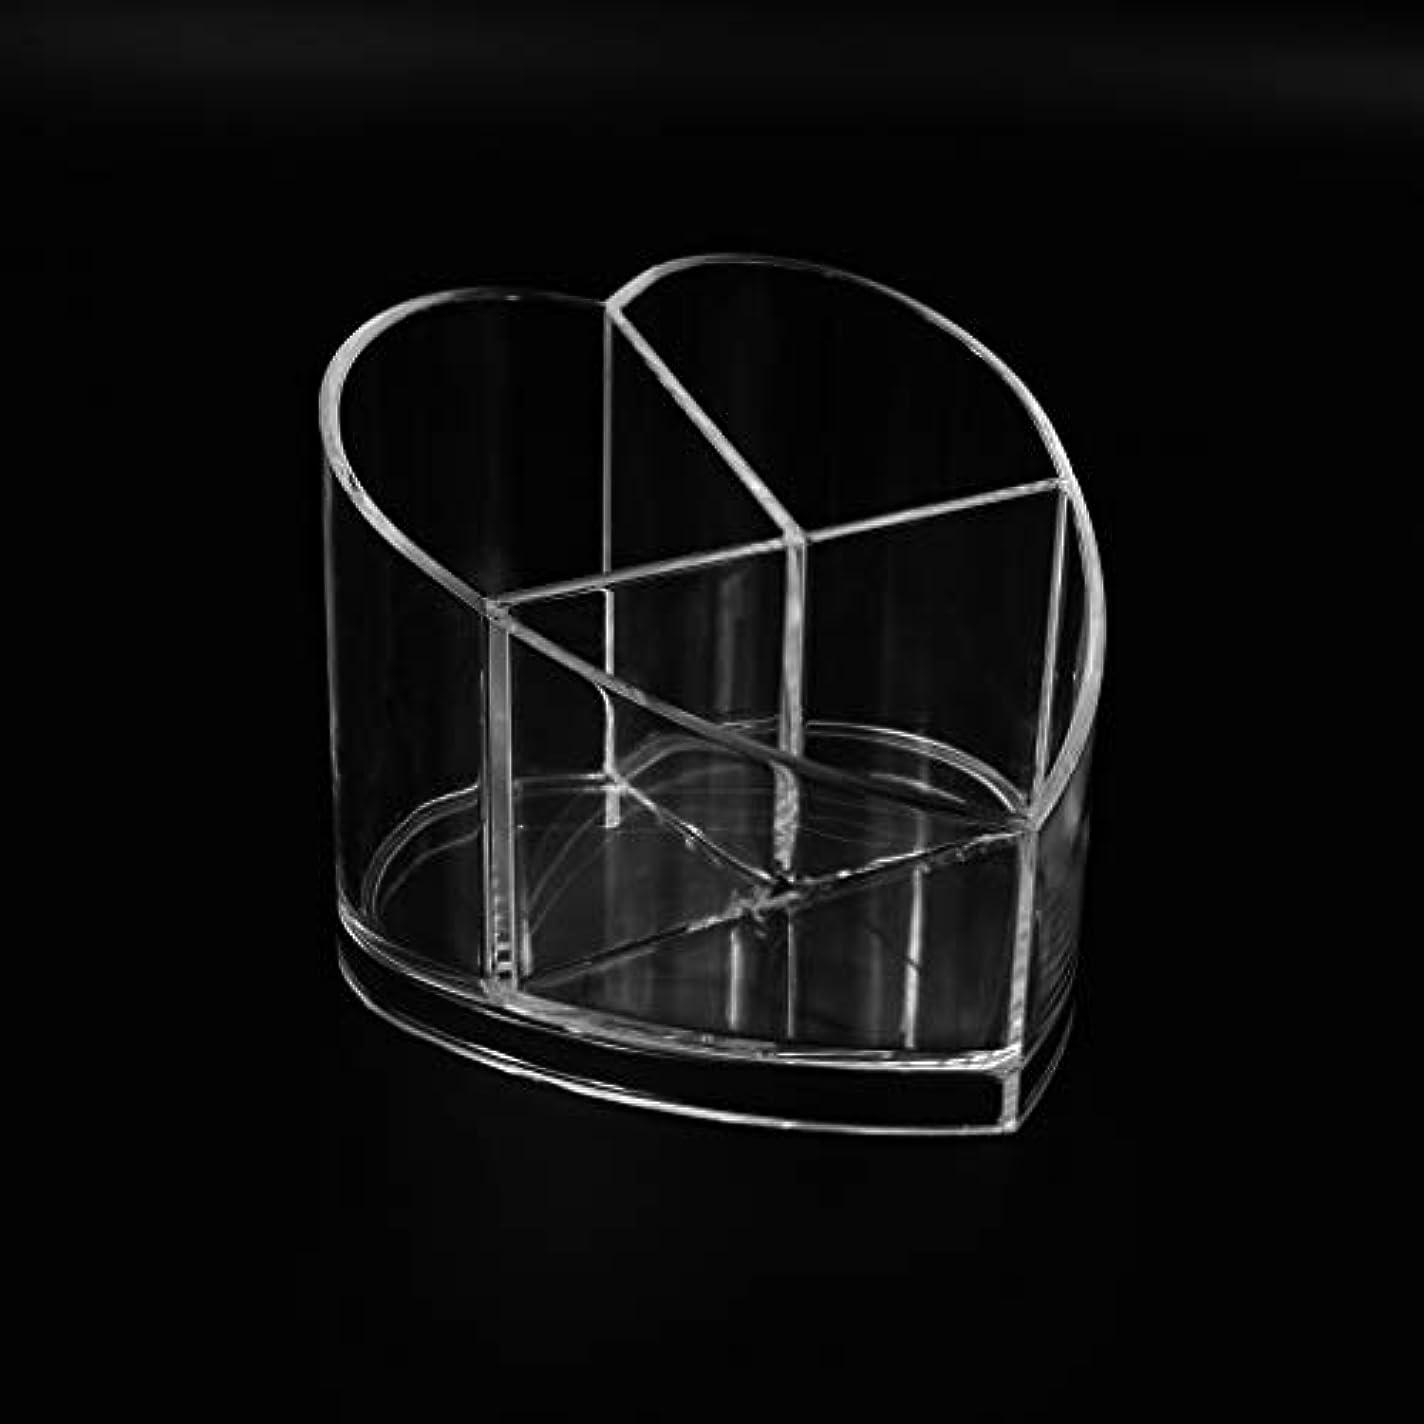 何ただやる酸RiLiKu 卓上収納ケース アクリル メイクブラシホルダー コスメ収納 透明 卓上ペン立て 文房 具 口紅 化粧ブラシ ネイルカラー 収納ケース